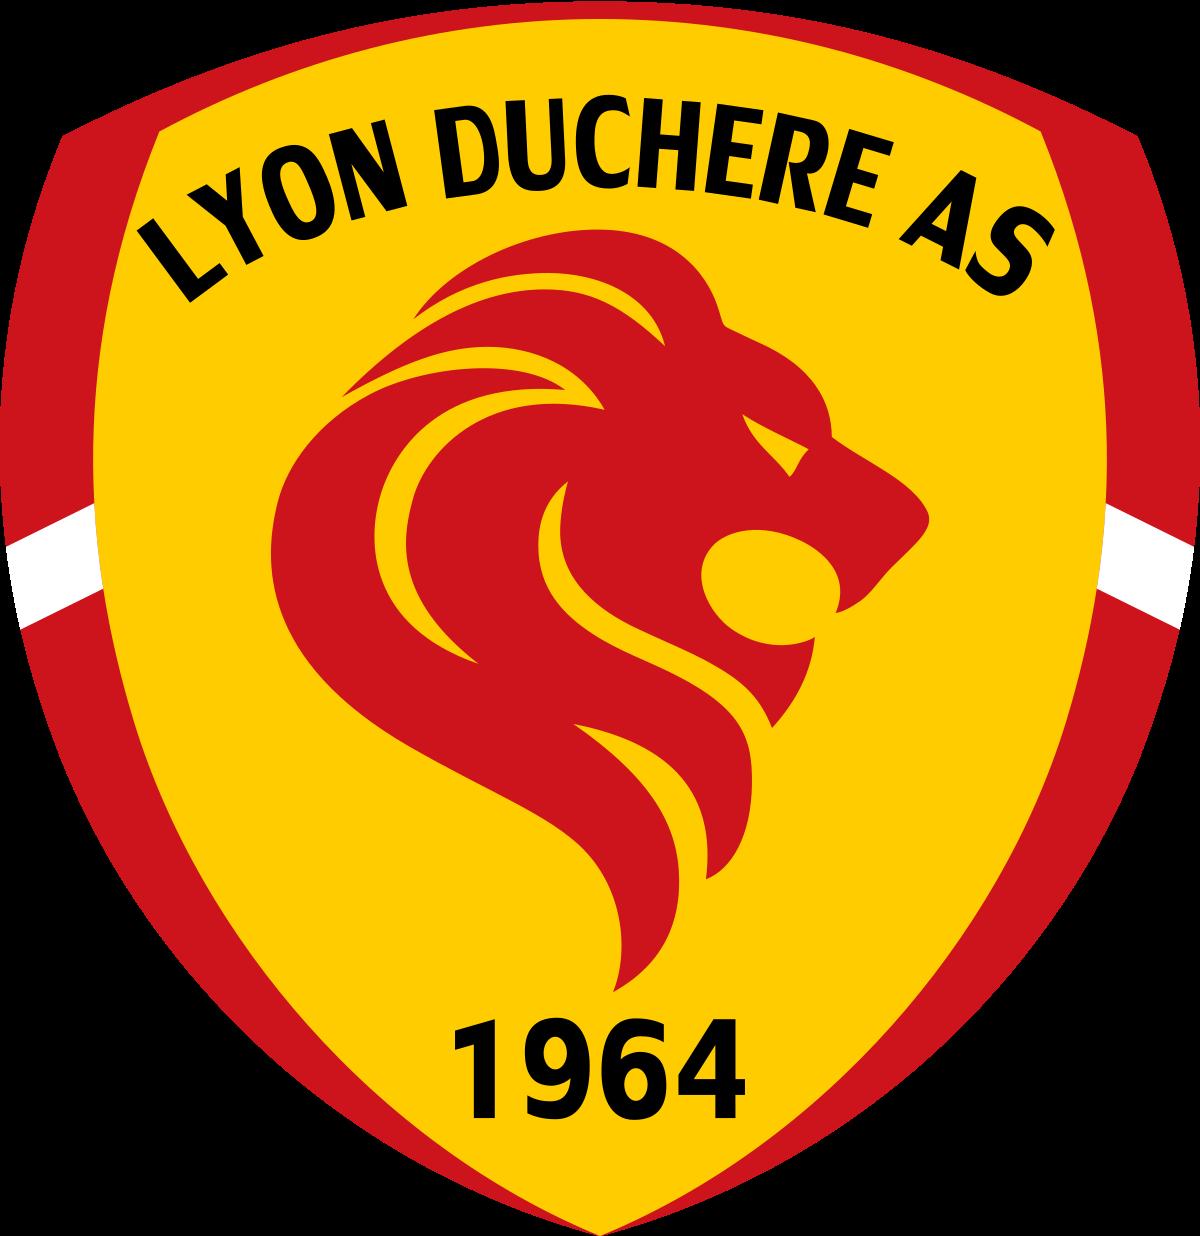 Lyon Duchère remporte le choc et grimpe sur le podium